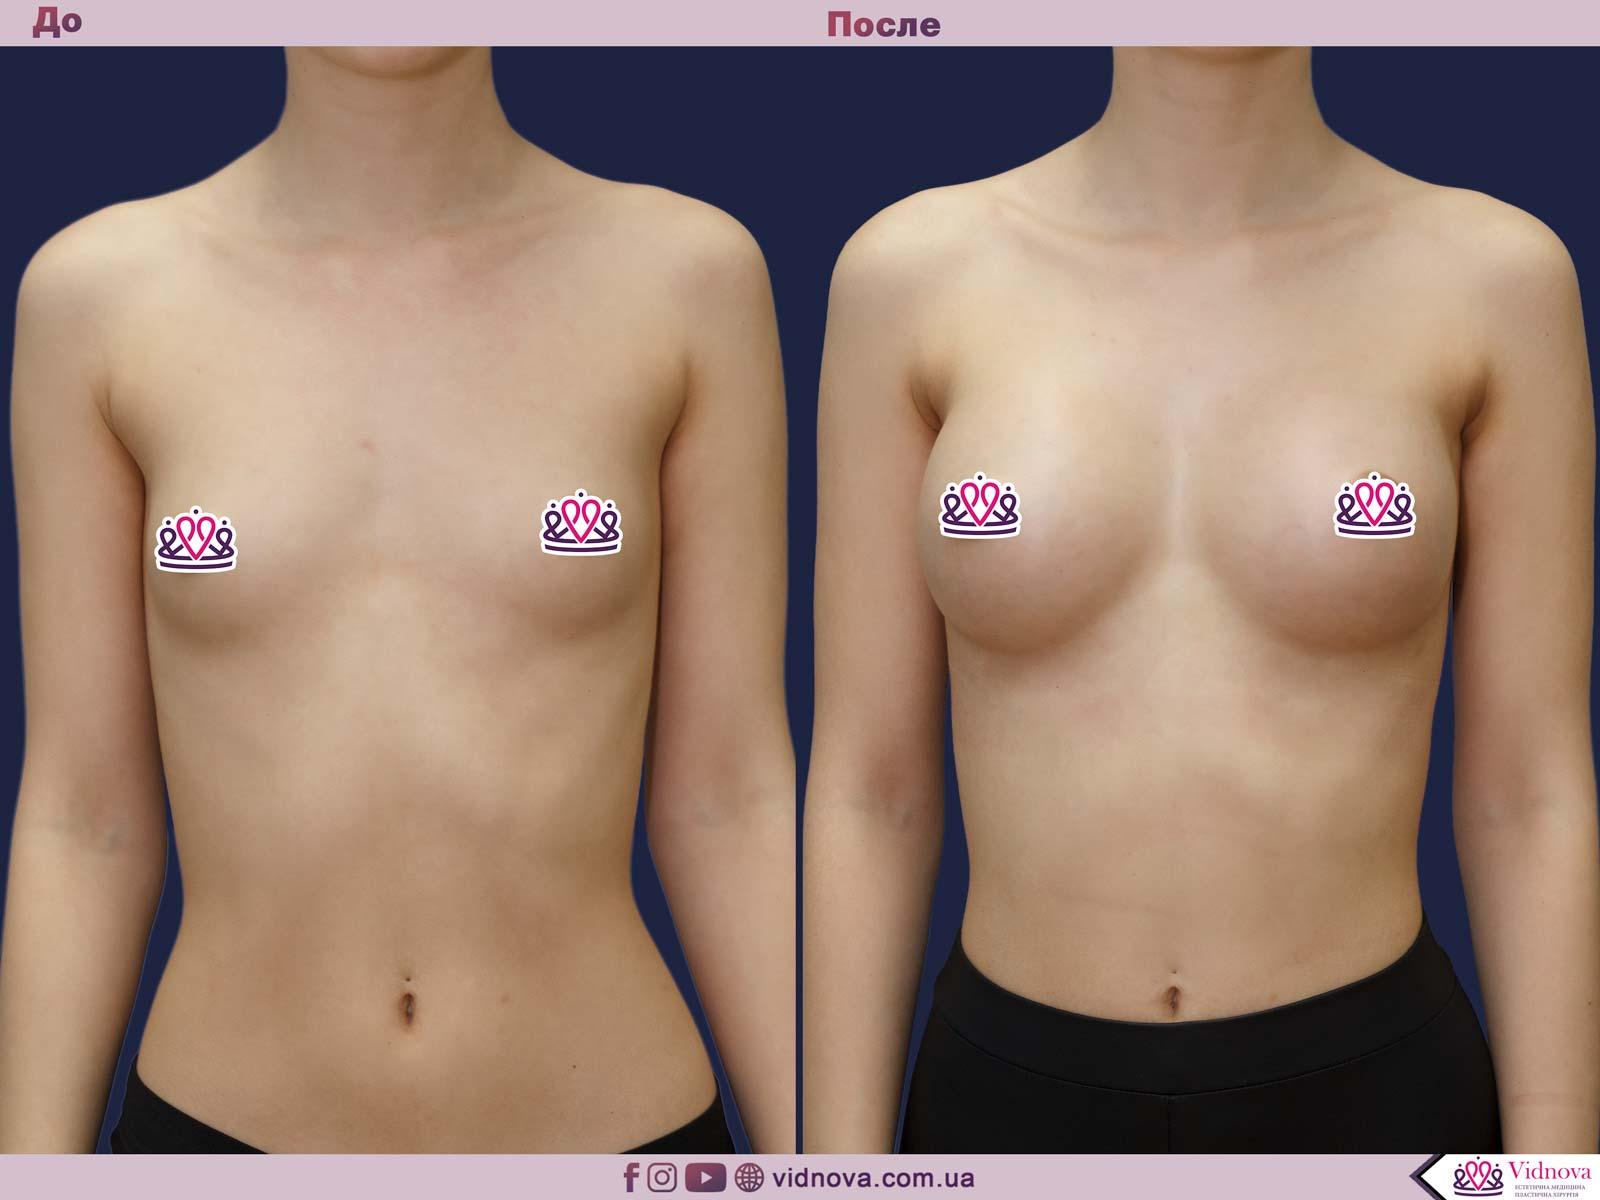 Пластика груди: результаты до и после - Пример №26-0 - Светлана Работенко